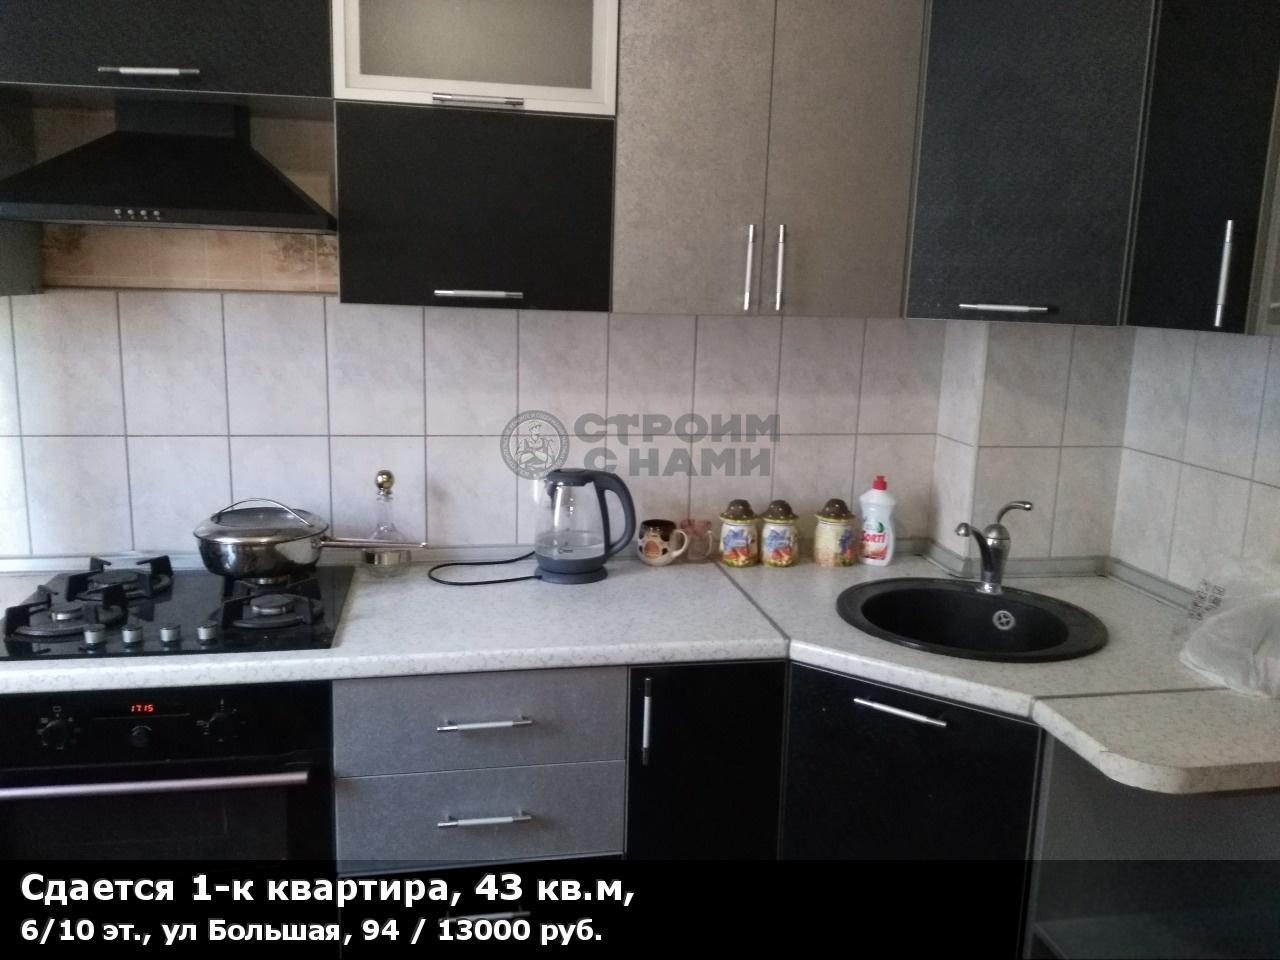 Сдается 1-к квартира, 43 кв.м, 6/10 эт., ул Большая, 94